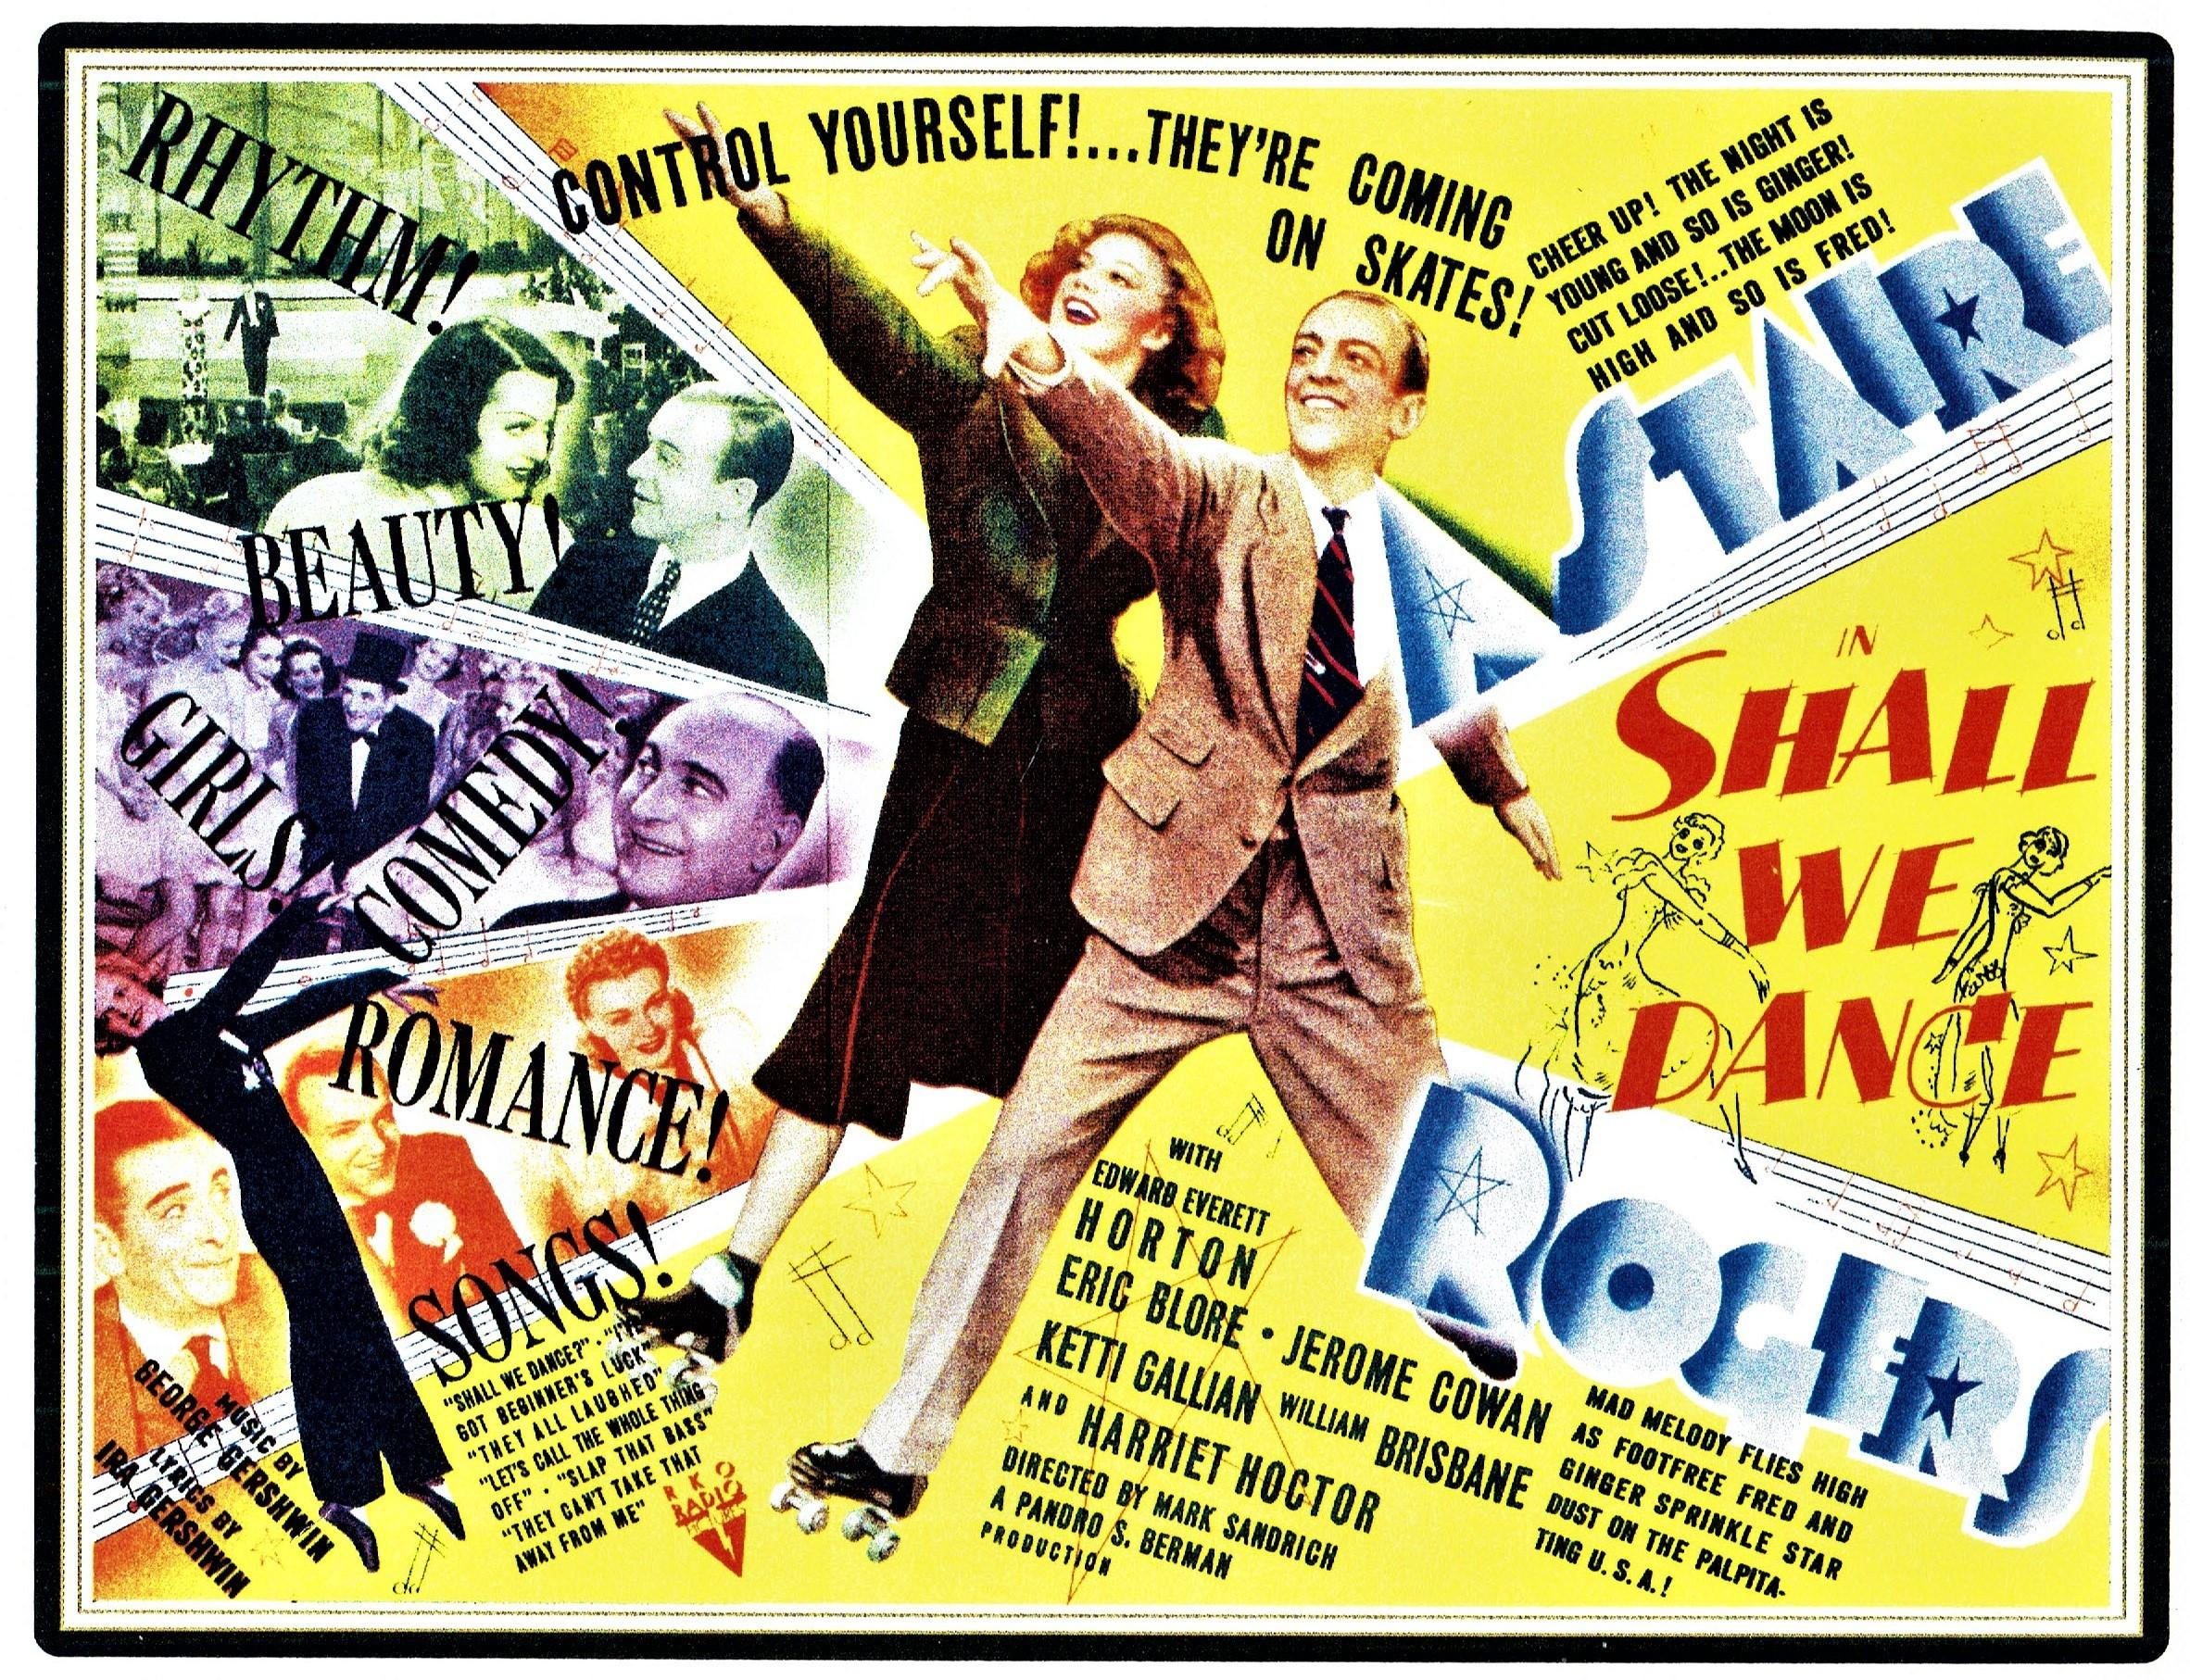 ガーシュウィン兄弟が楽曲を提供したミュージカル映画「踊らん哉」(1937年)、アメリカ公開時のポスター。フレッド・アステア&ジンジャー・ロジャーズ主演   Photo Courtesy of Michael Feinstein